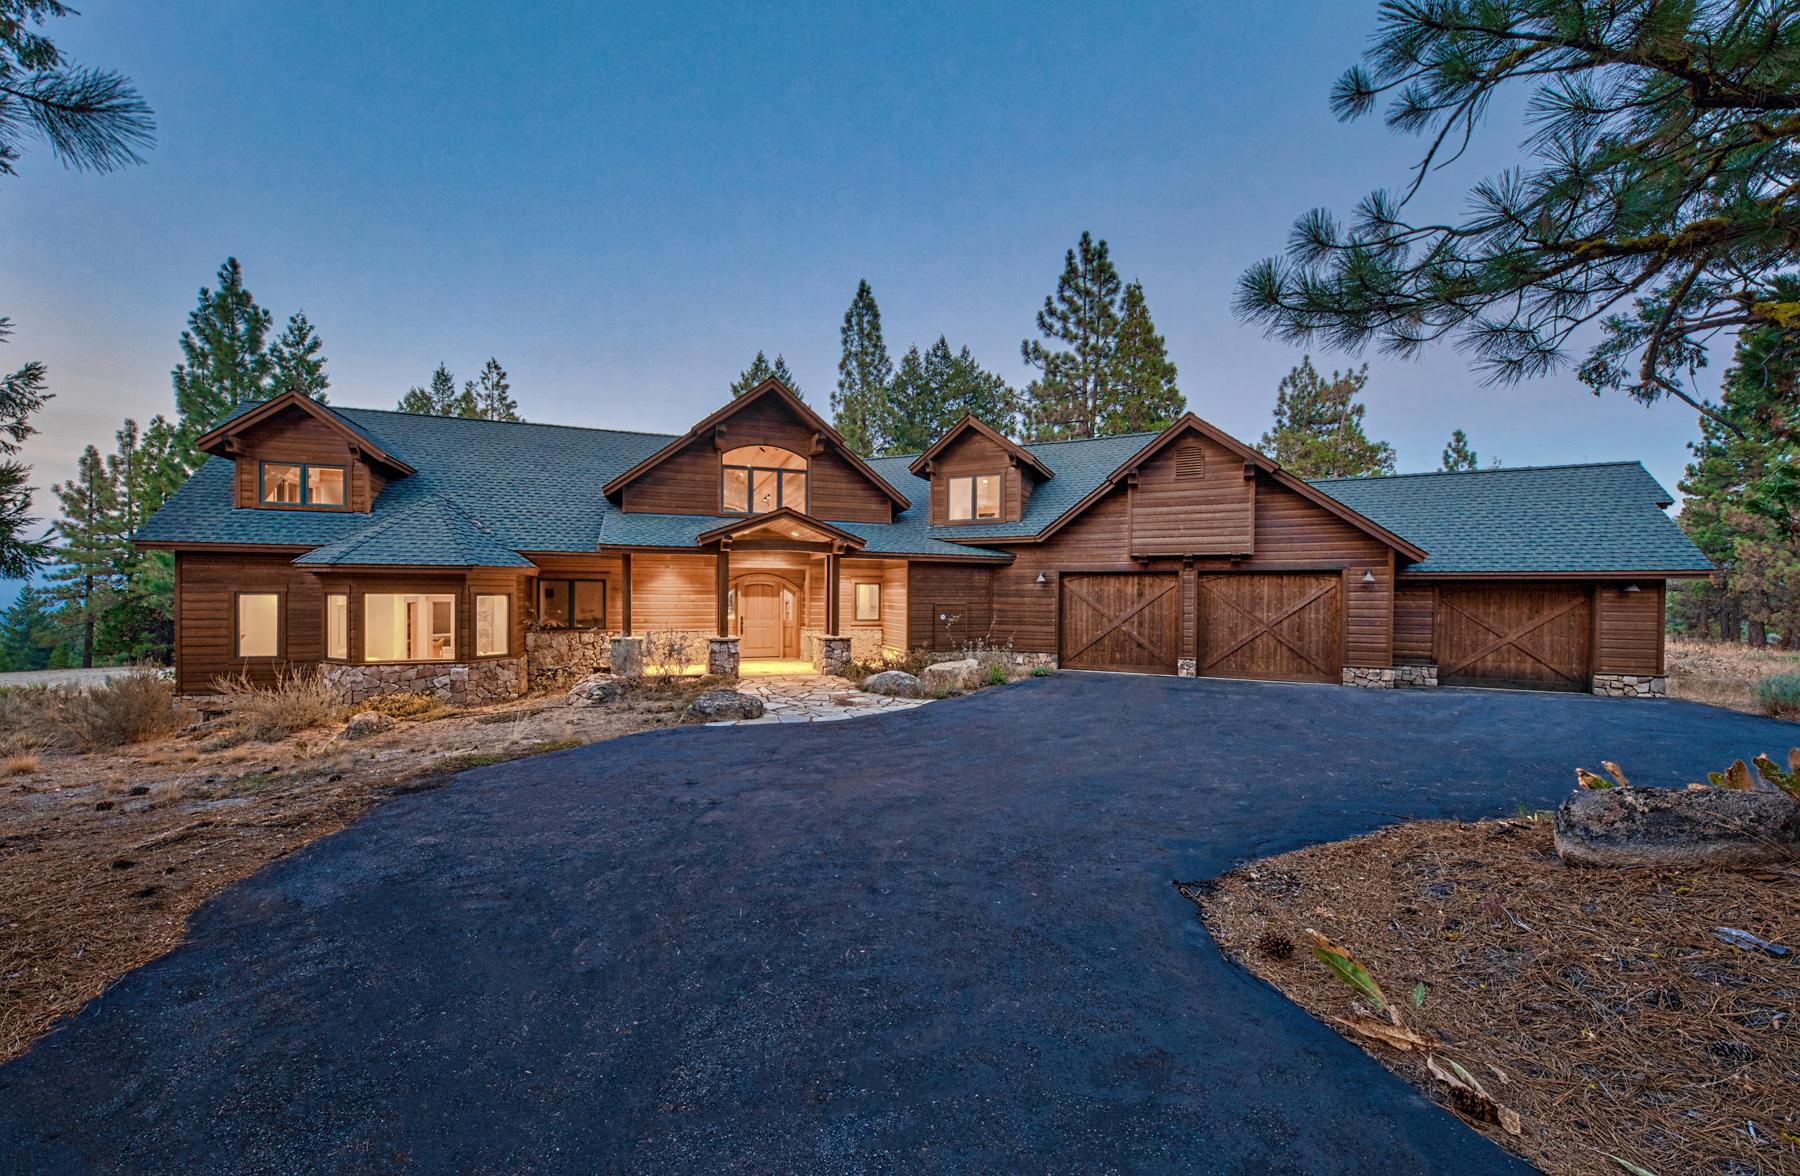 Casa Unifamiliar por un Venta en 407 Quail Run, Portola, CA 407 Quail Run Portola, California 96122 Estados Unidos